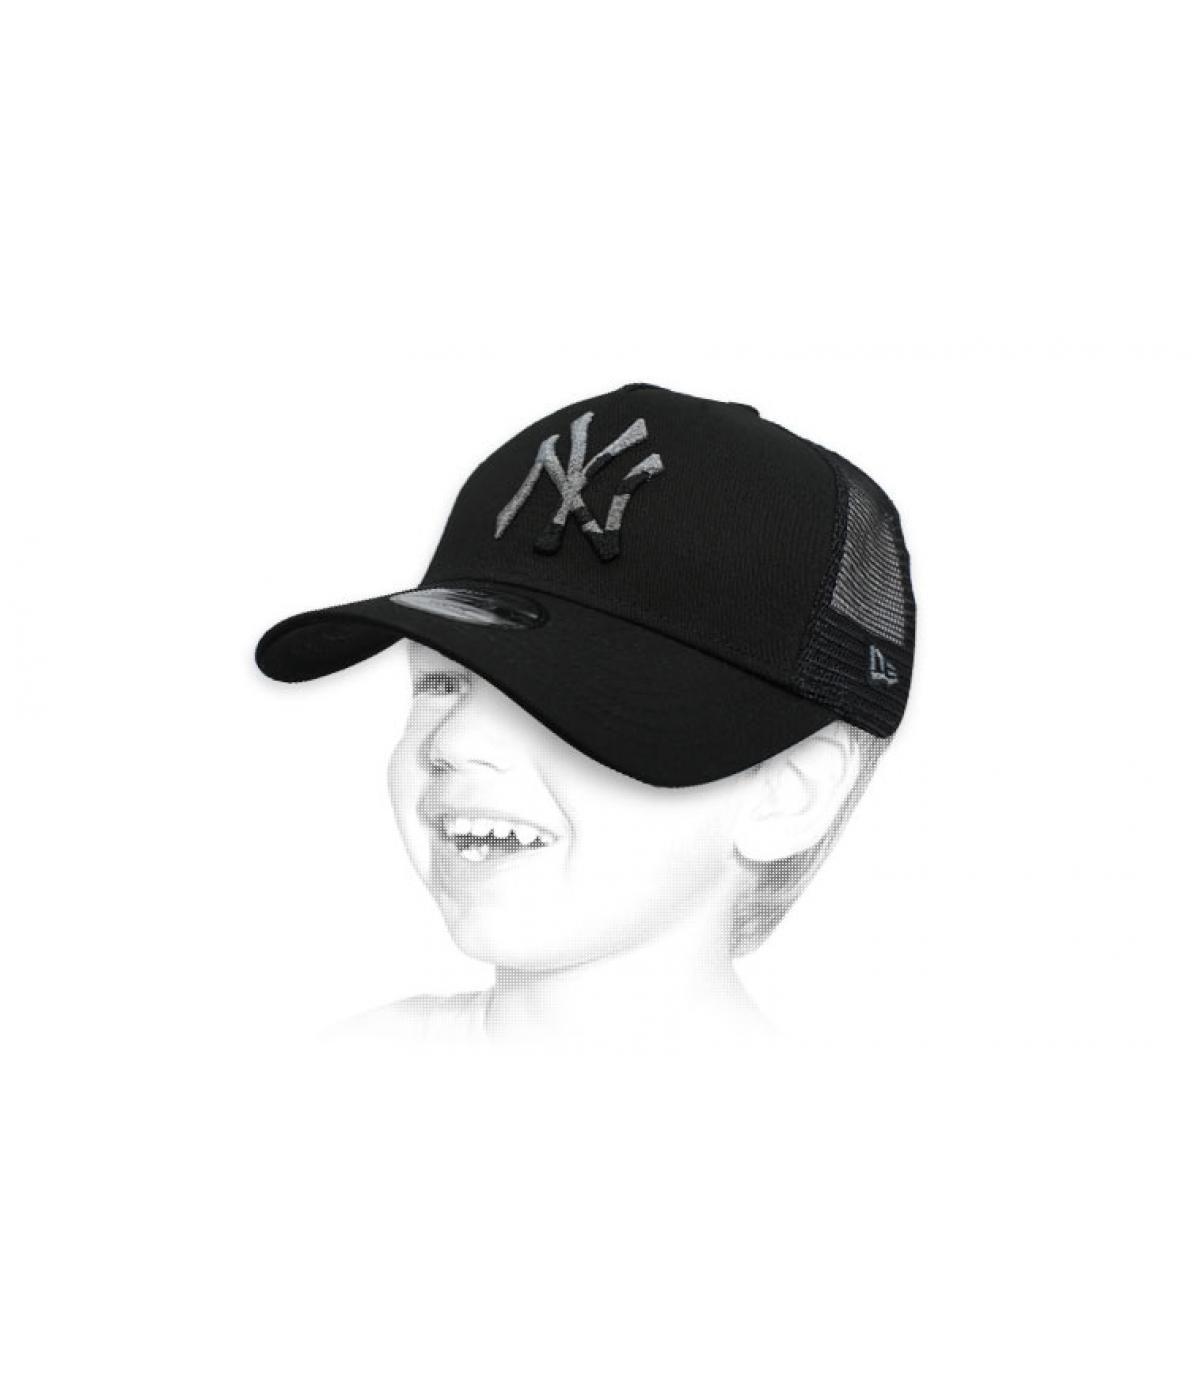 black NY kids trucker